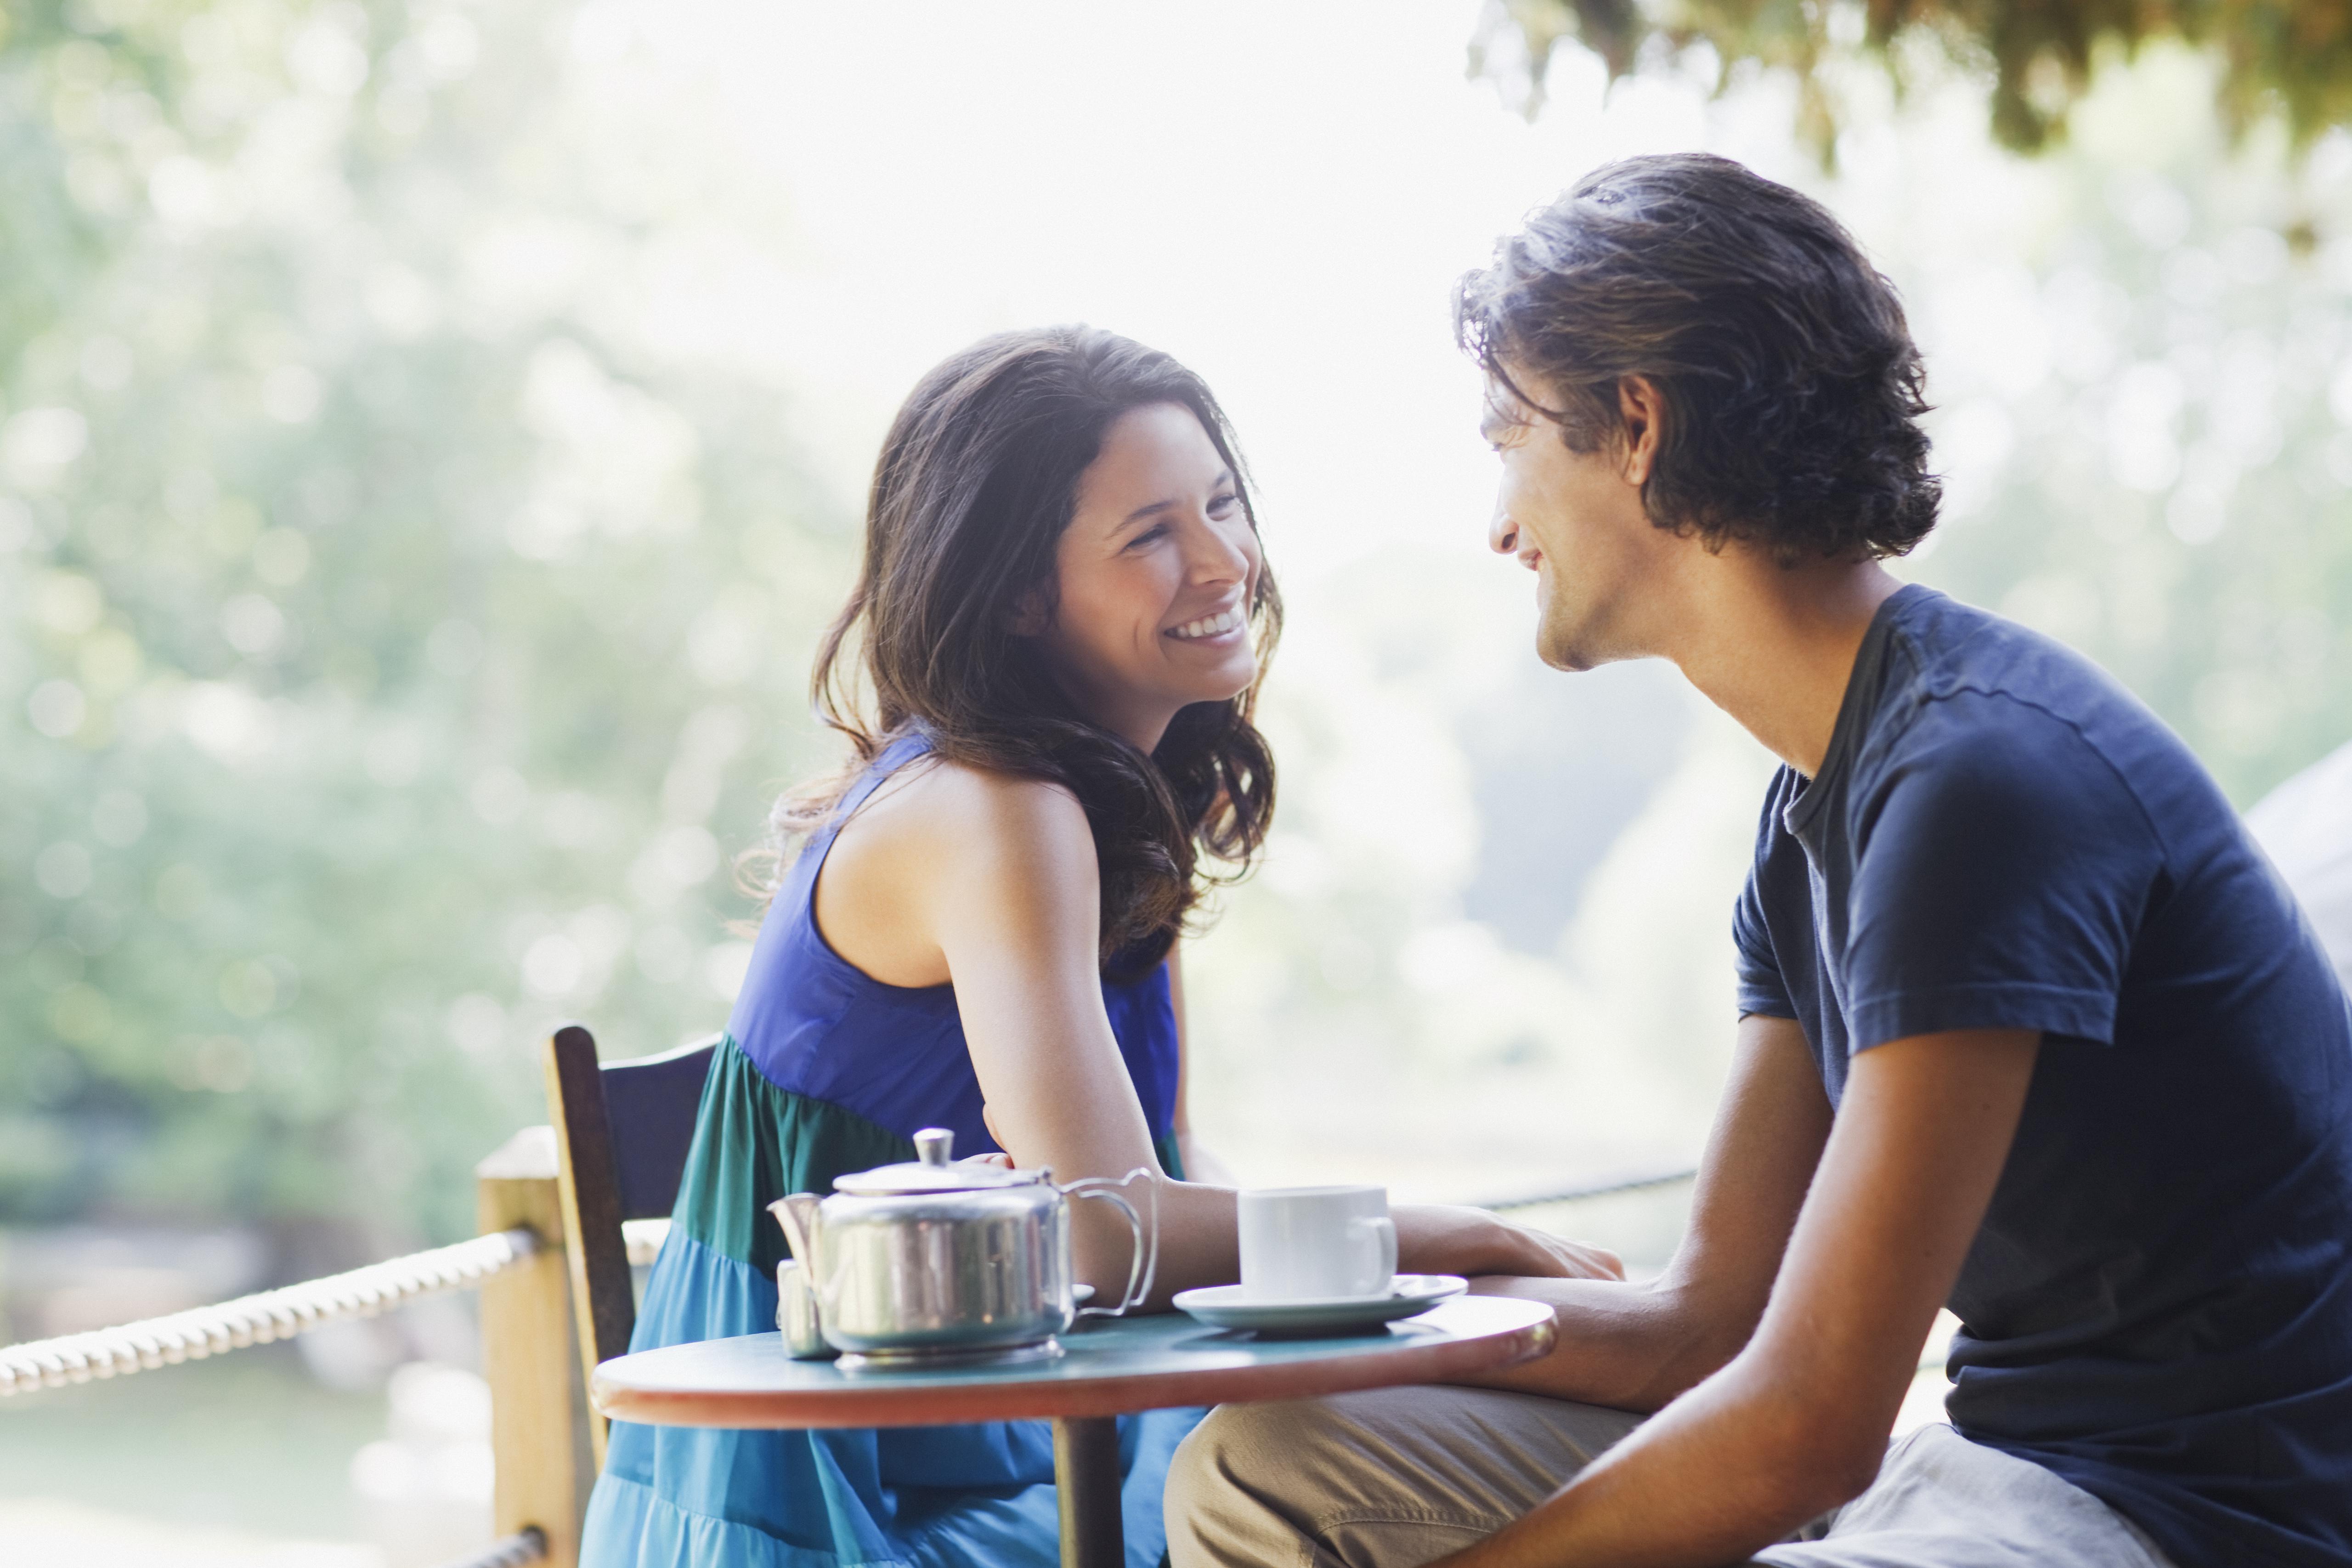 αζμπι ταχύτητα dating Μάνχαϊμ 2014 Πώς να οικοδομήσουμε μια καλή σχέση γνωριμιών